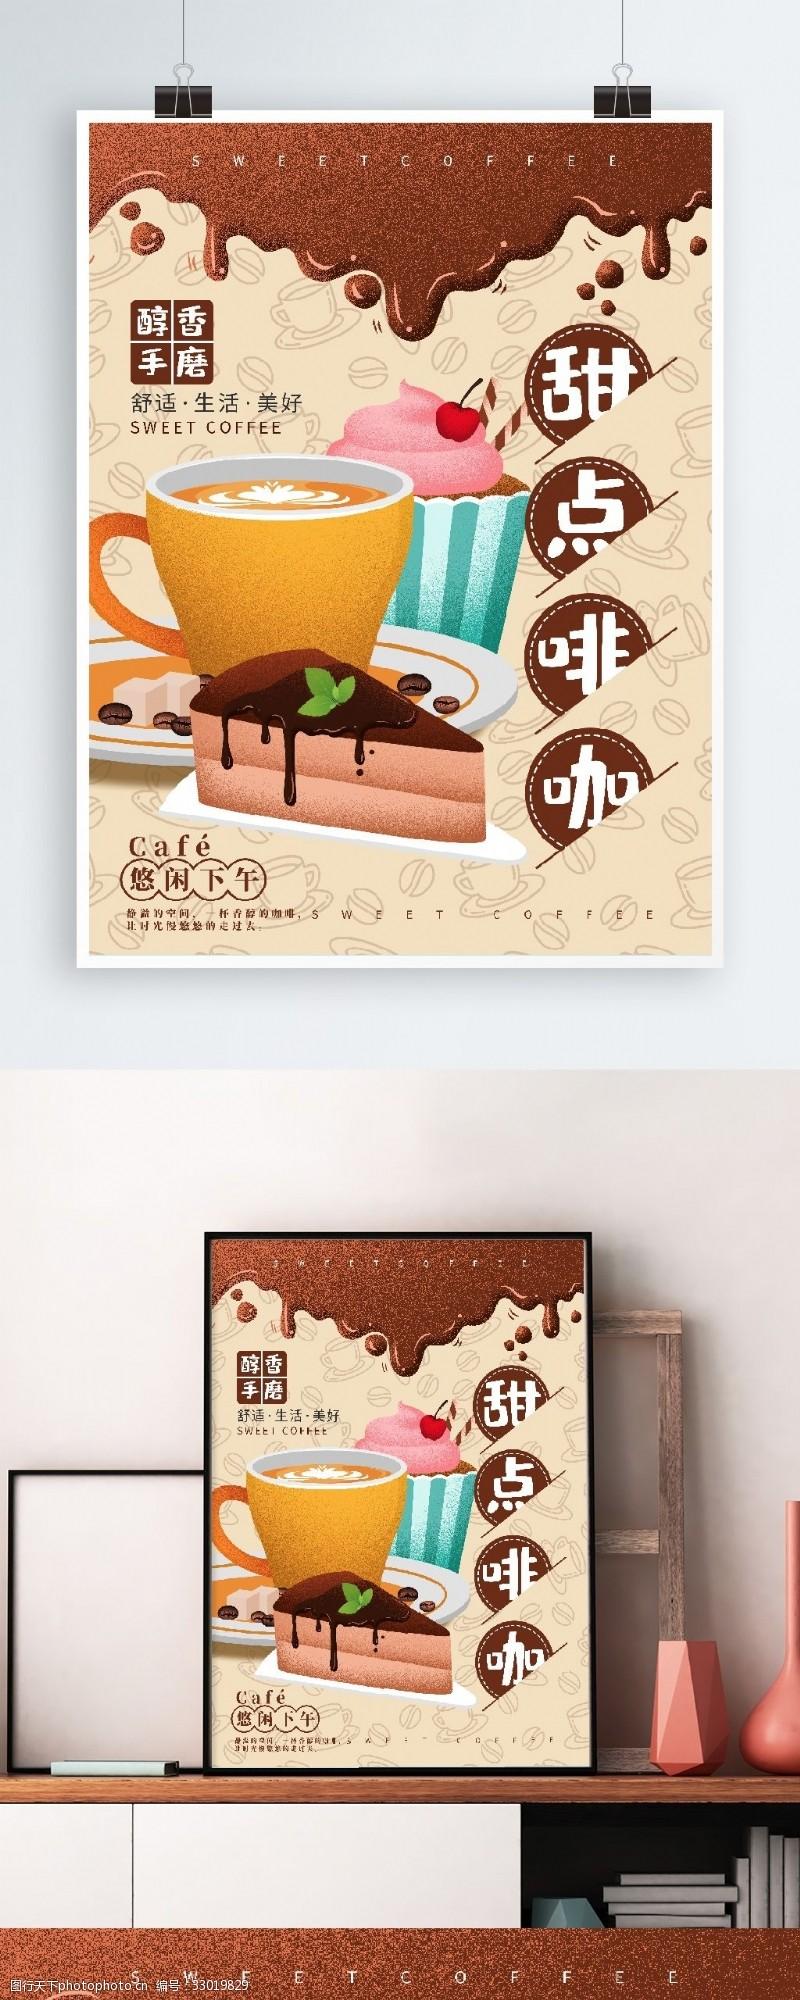 原創手繪甜點咖啡下午茶海報